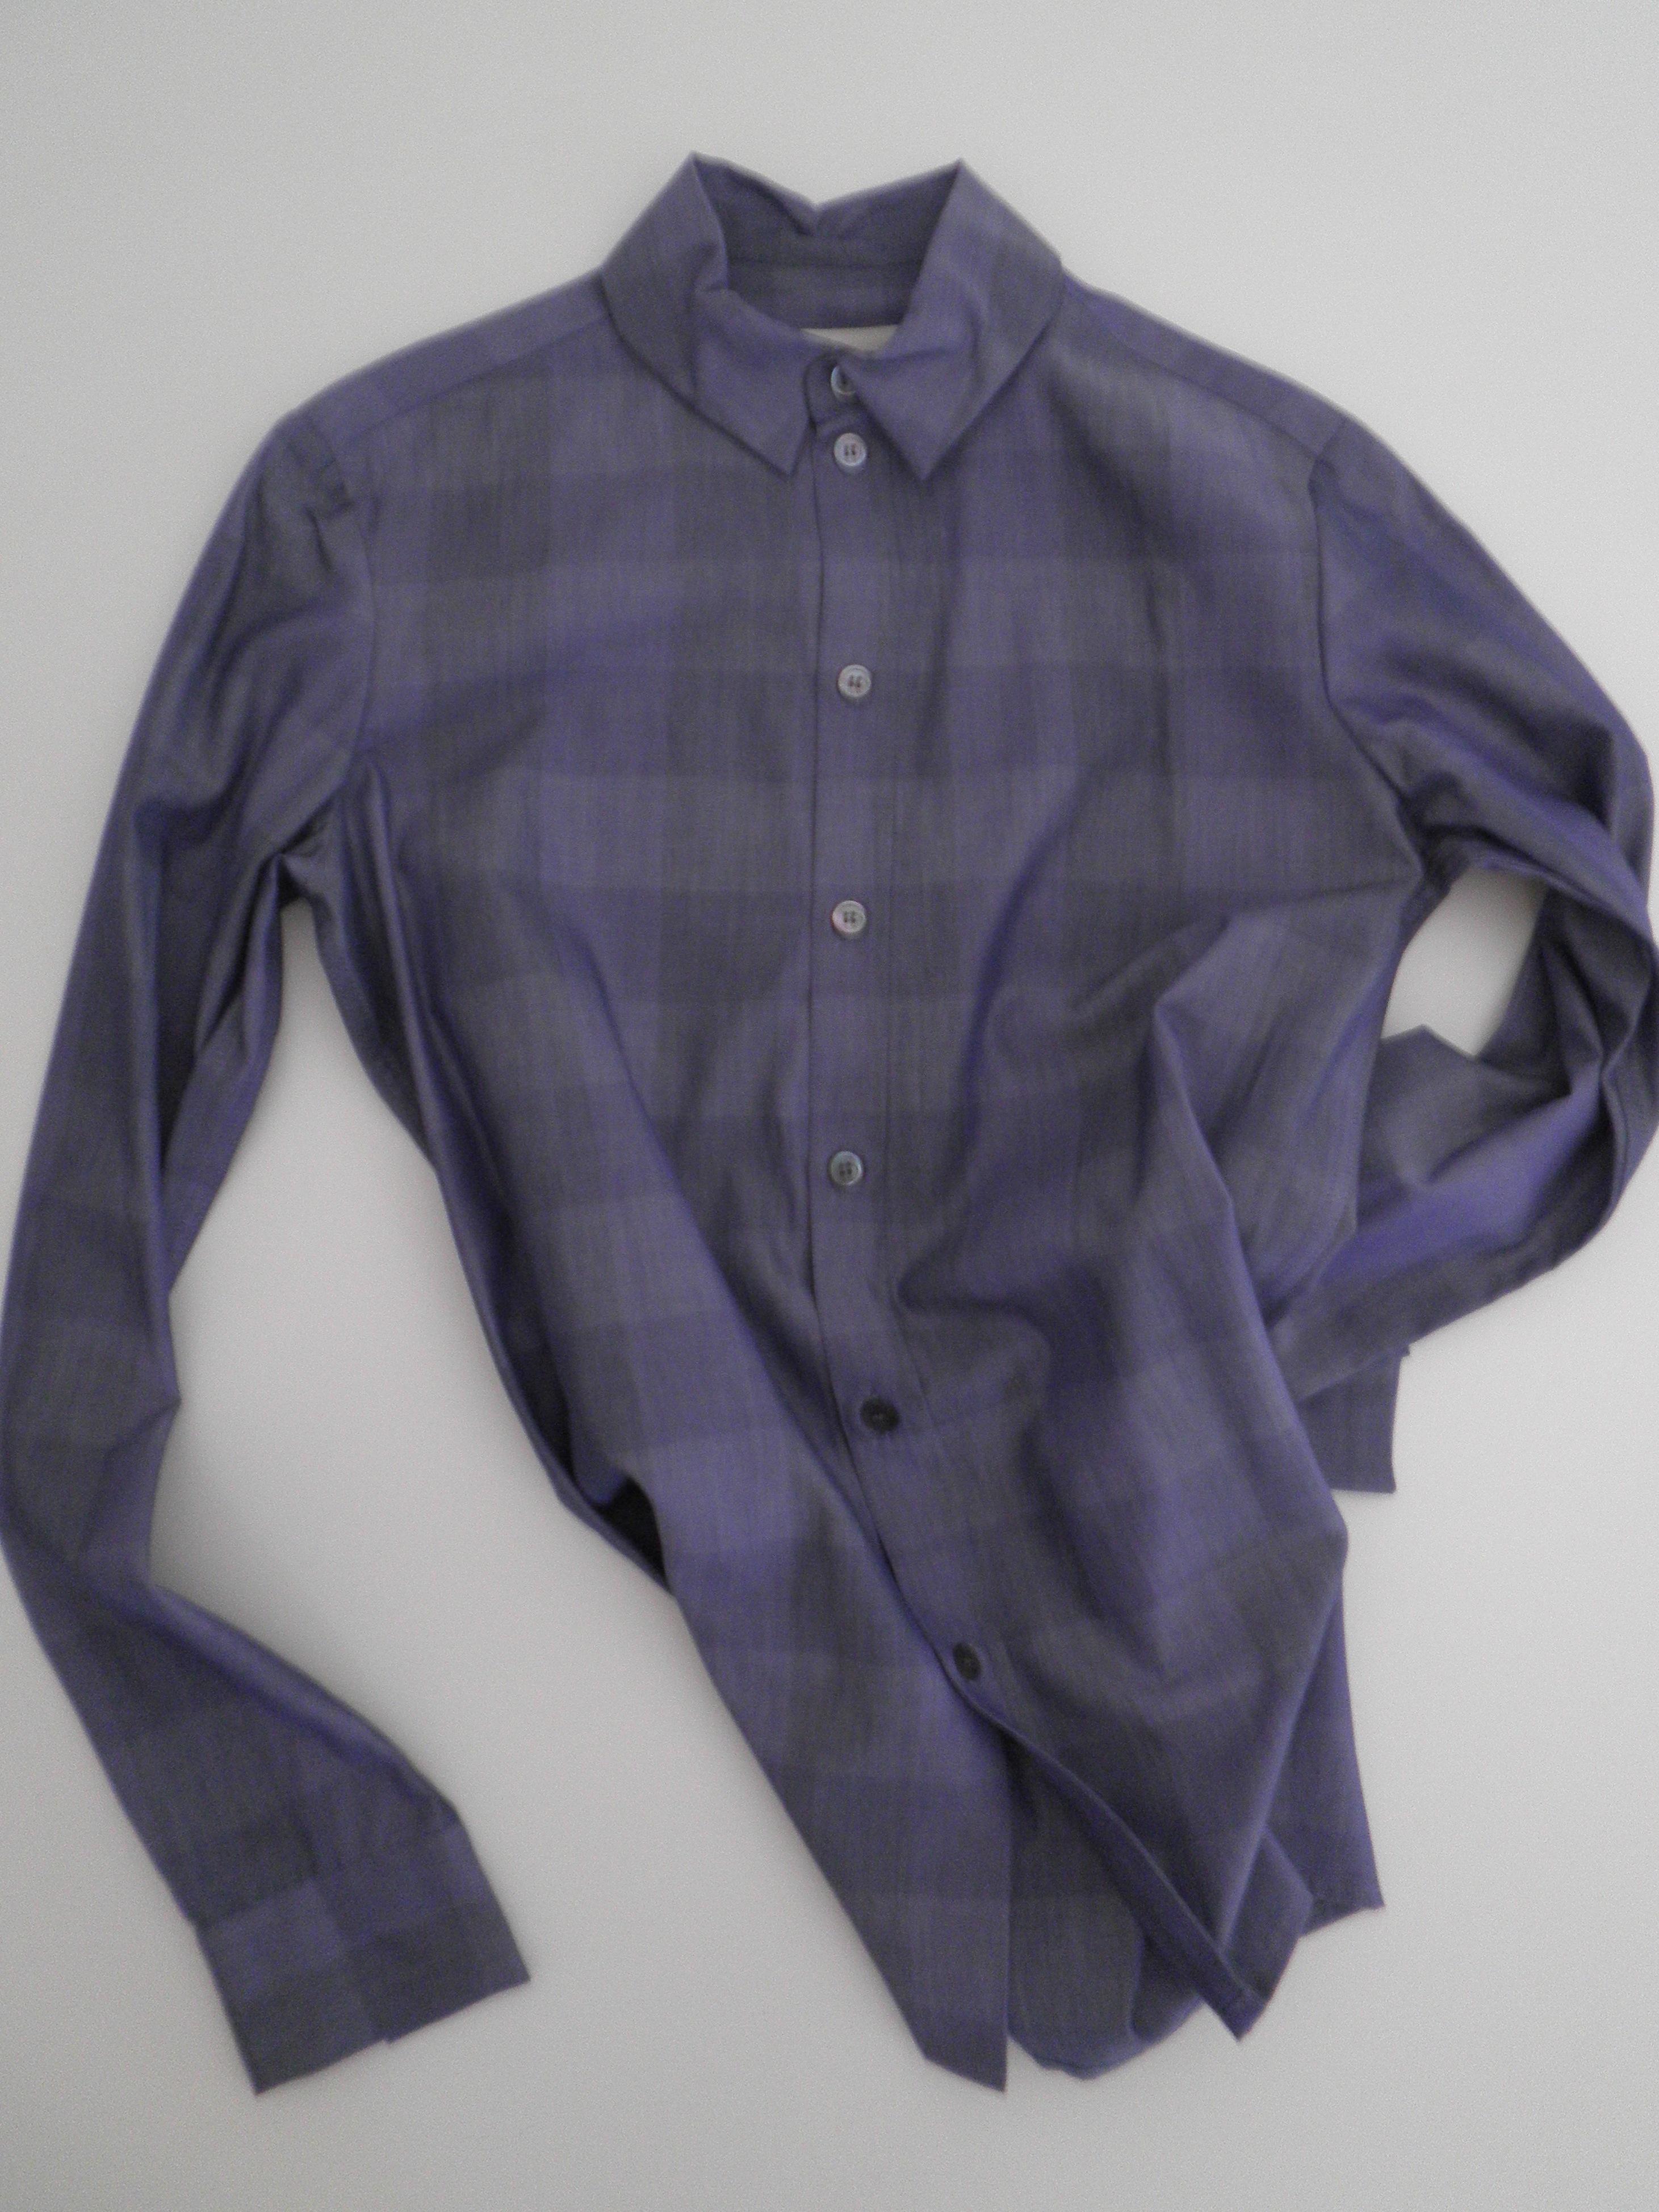 c8386e5d_ss-shirt-sz32.jpeg